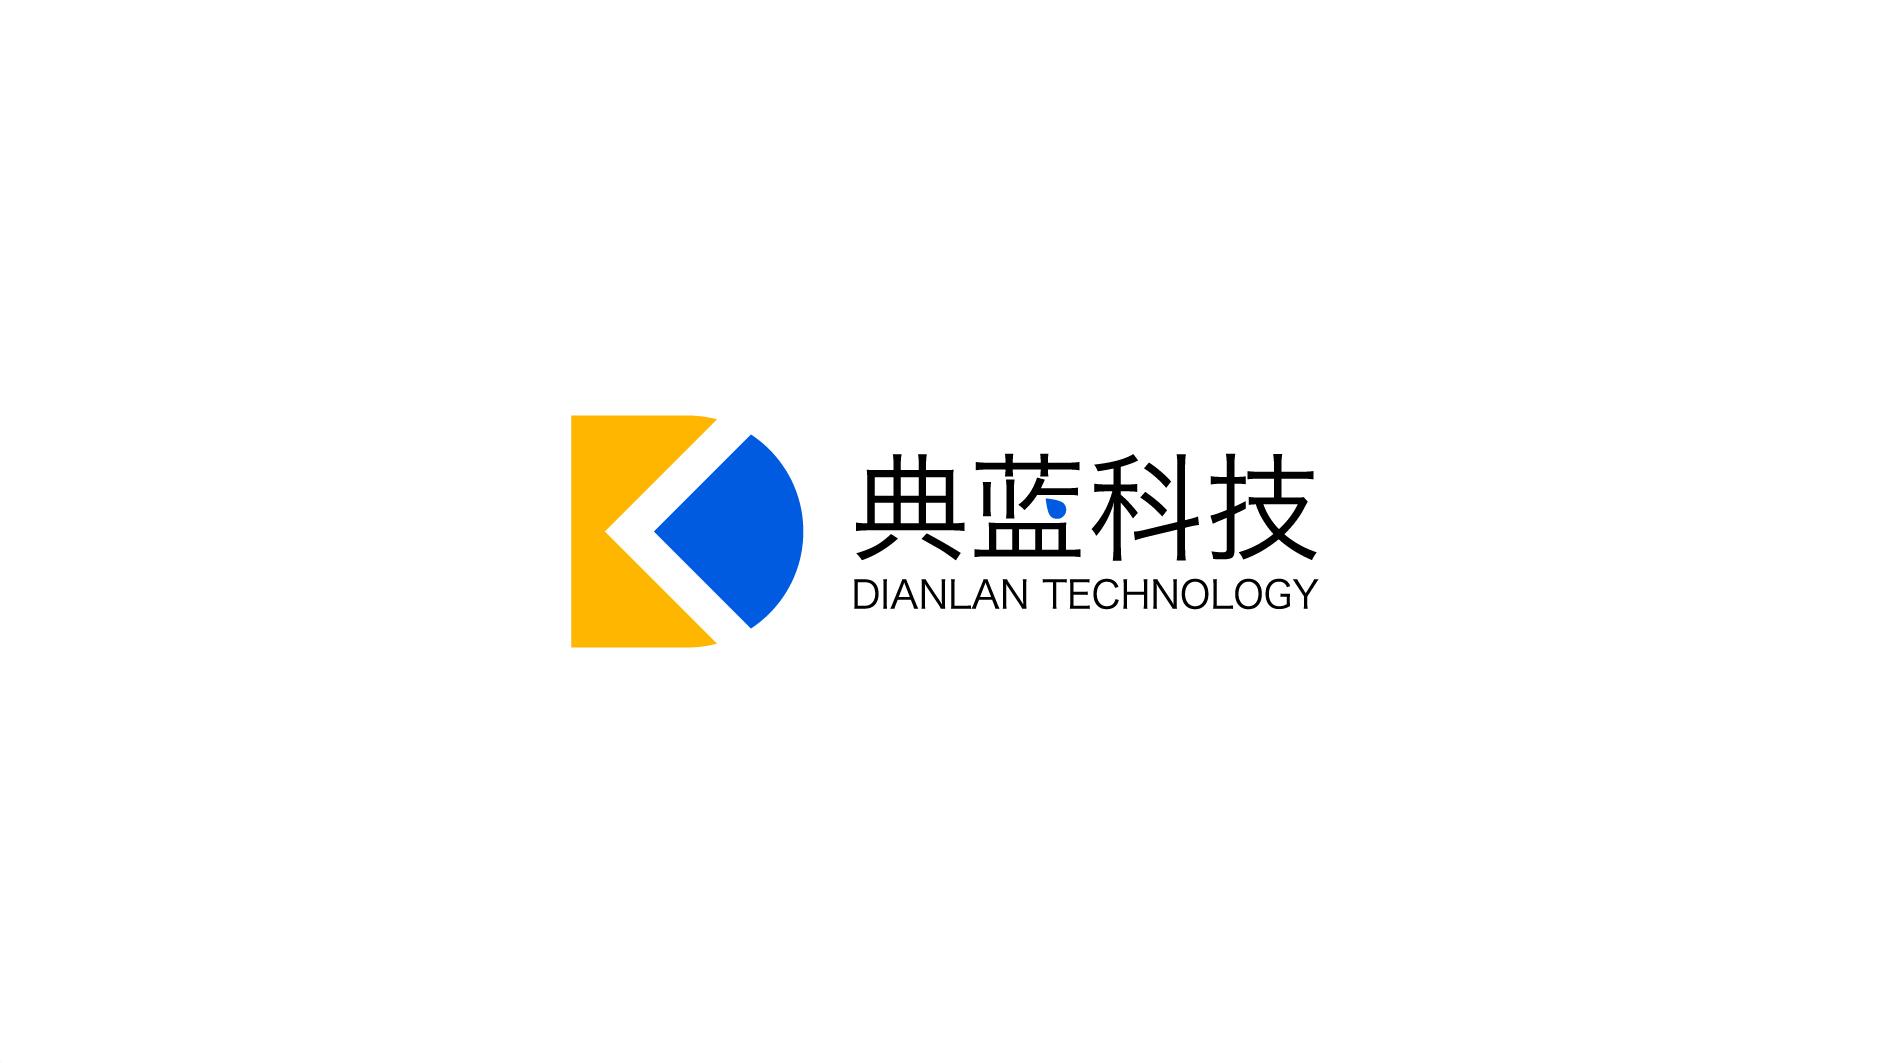 苏州典蓝科技信息咨询服务有限公司营业副总日企招聘信息